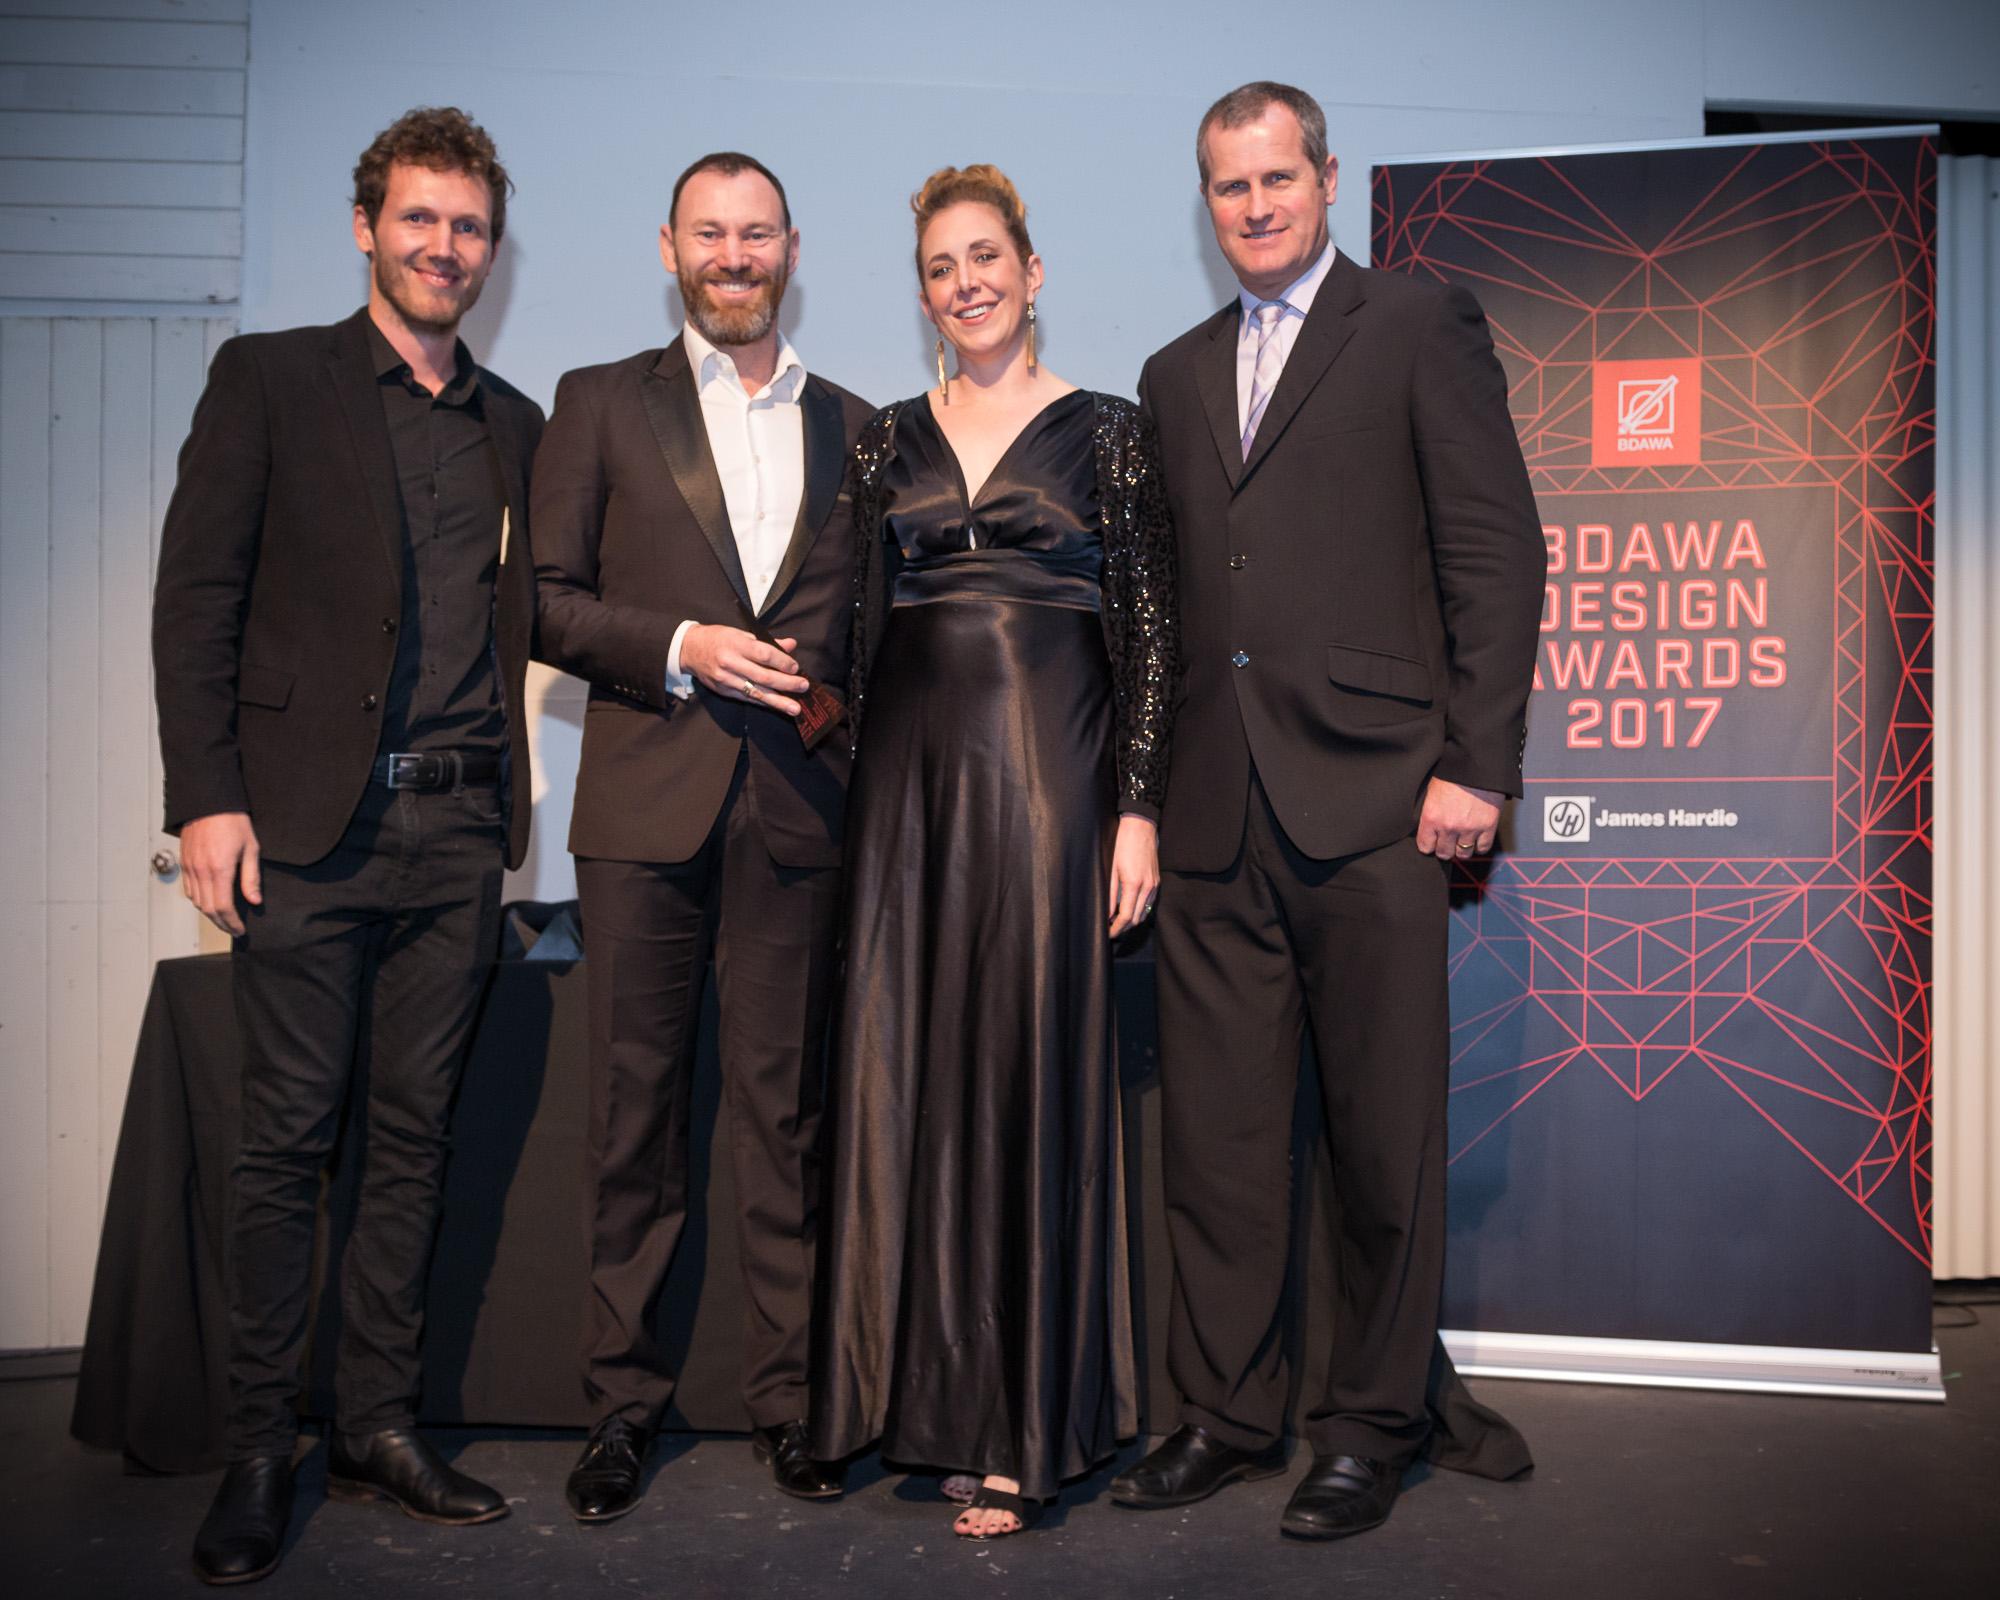 0124 BDA WA Awards 2017 _JHG7322.jpg